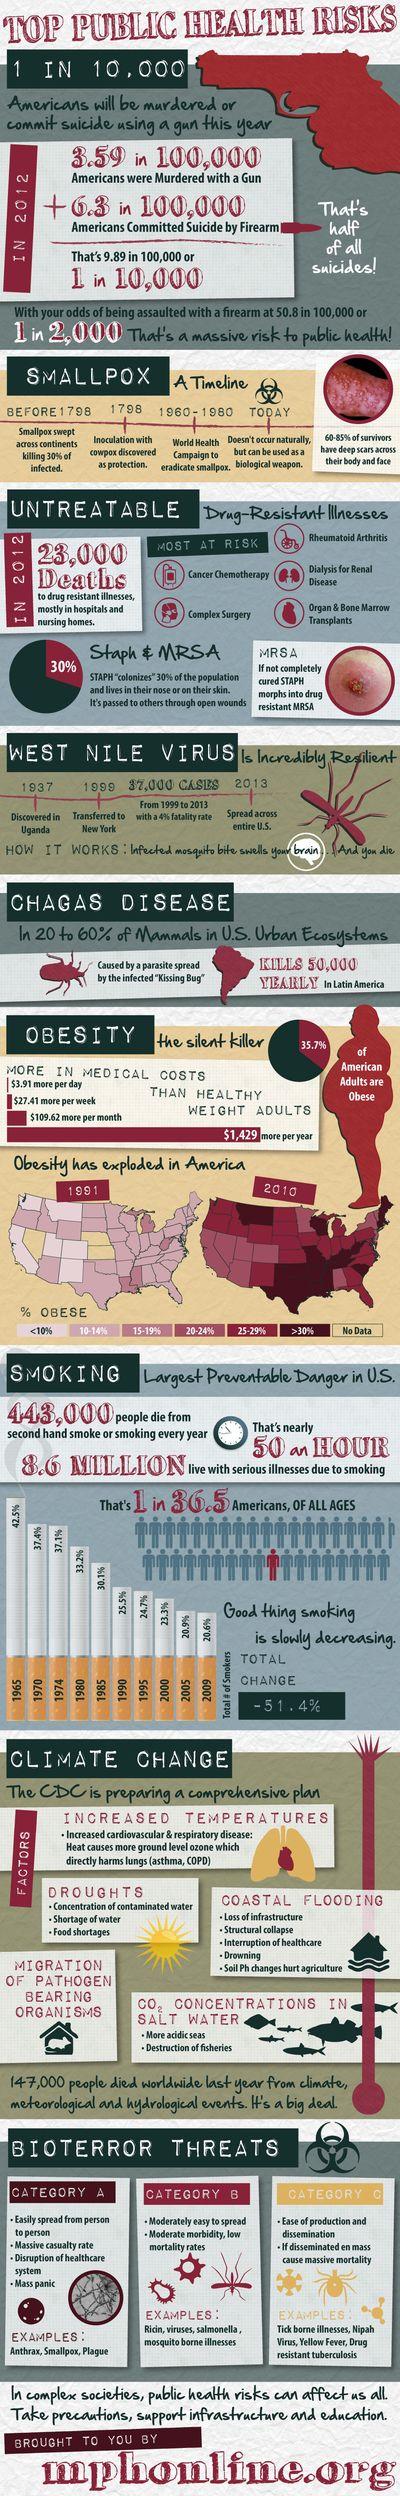 Top-public-health-risks